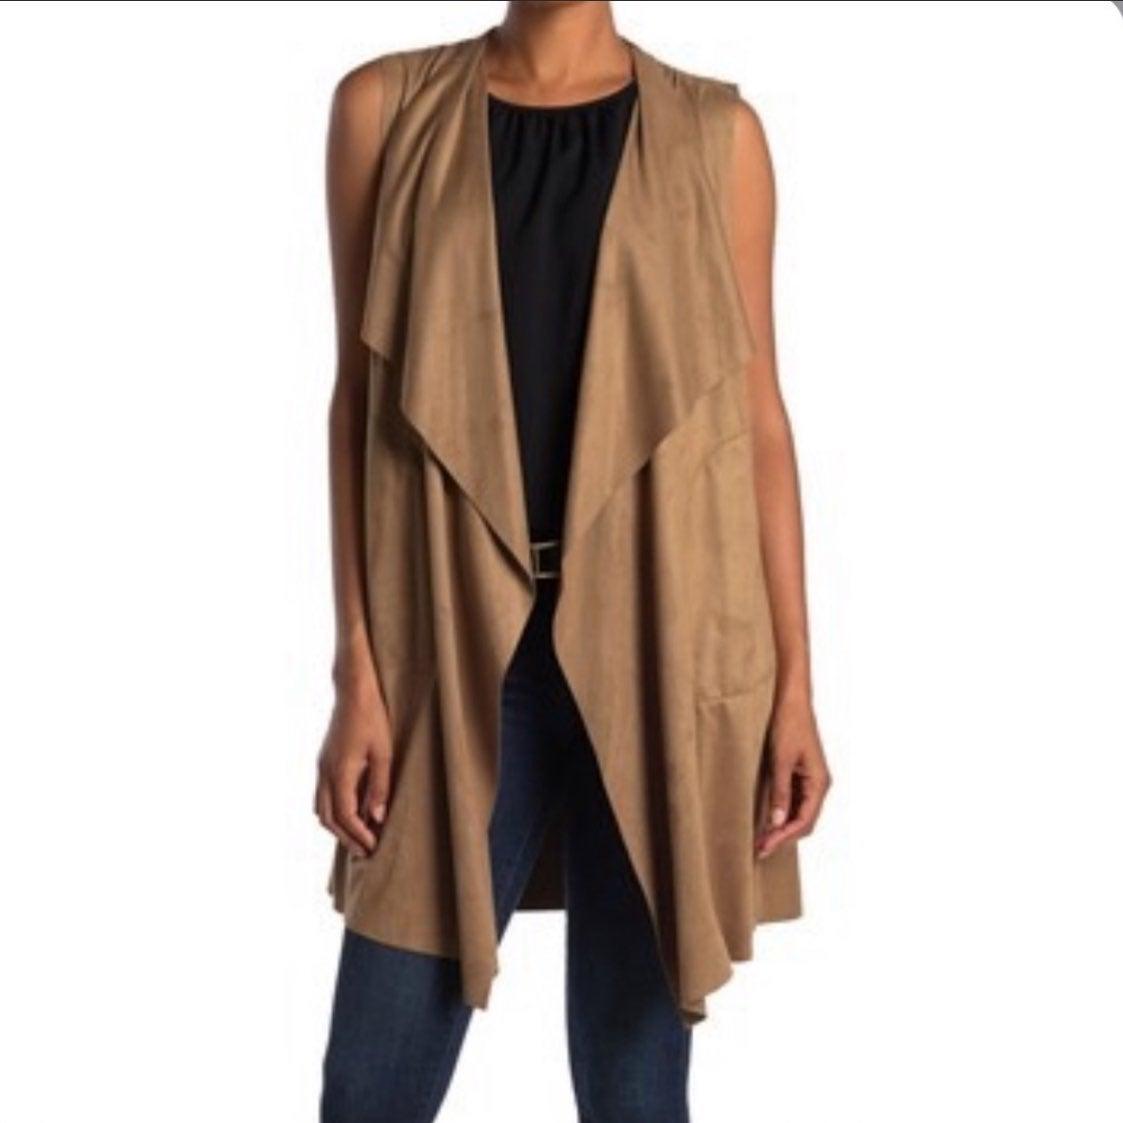 Max Studio Suede Vicuna No Sleeves Coat